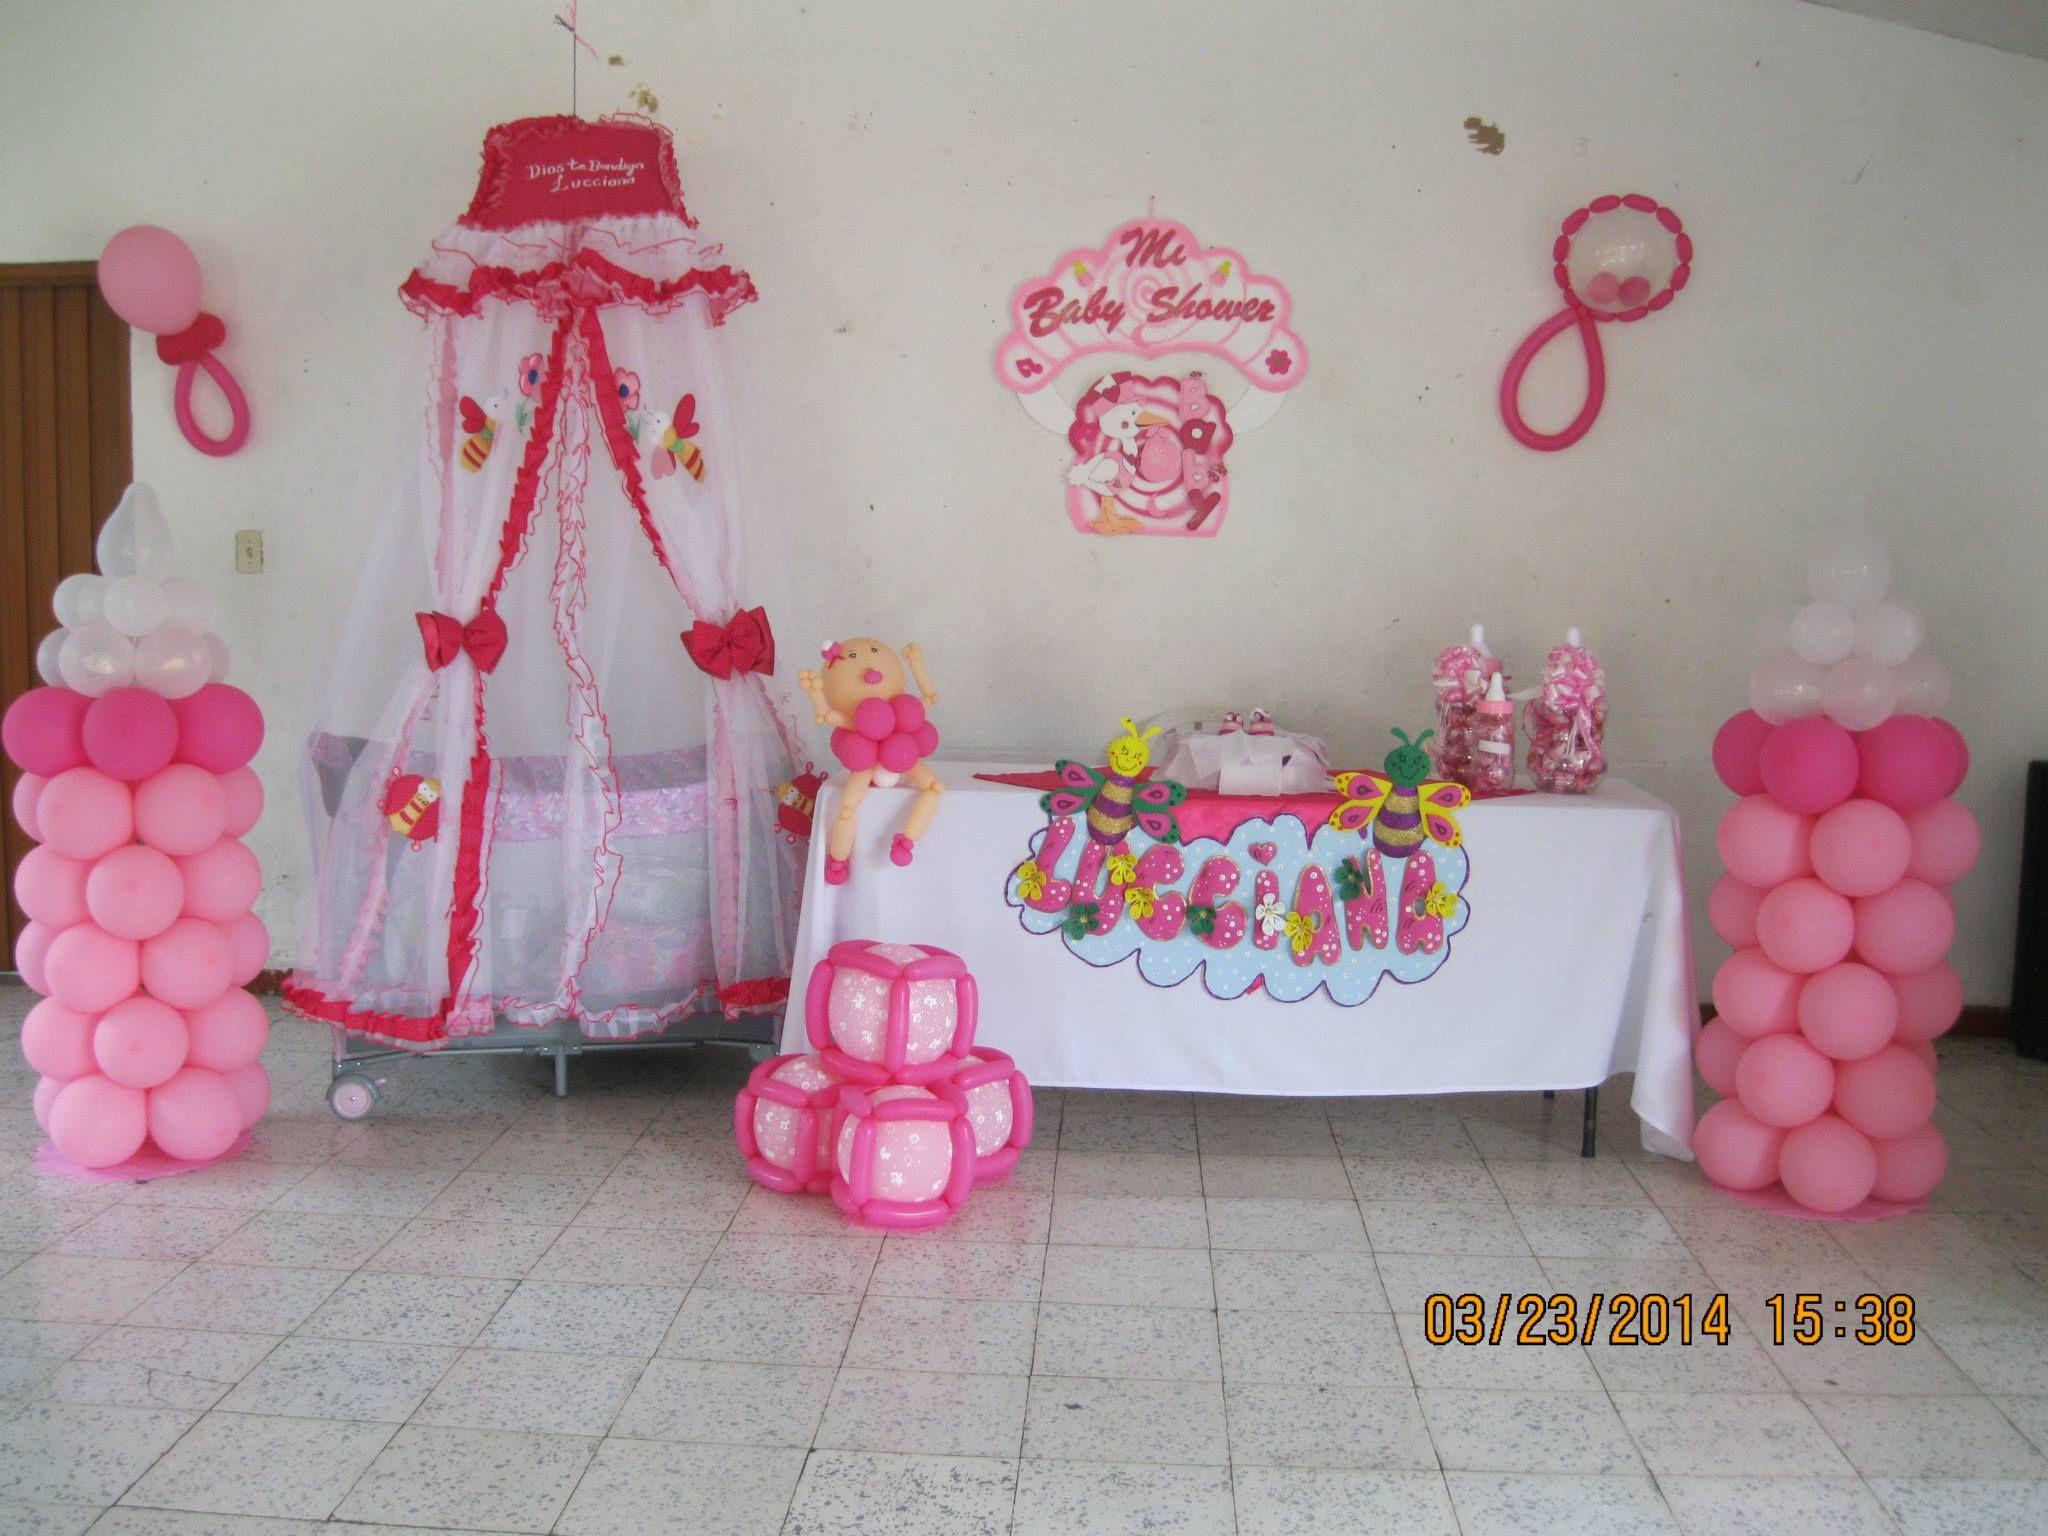 Facebook globos y manualidades la del payasito fondo - Manualidades para decoracion ...